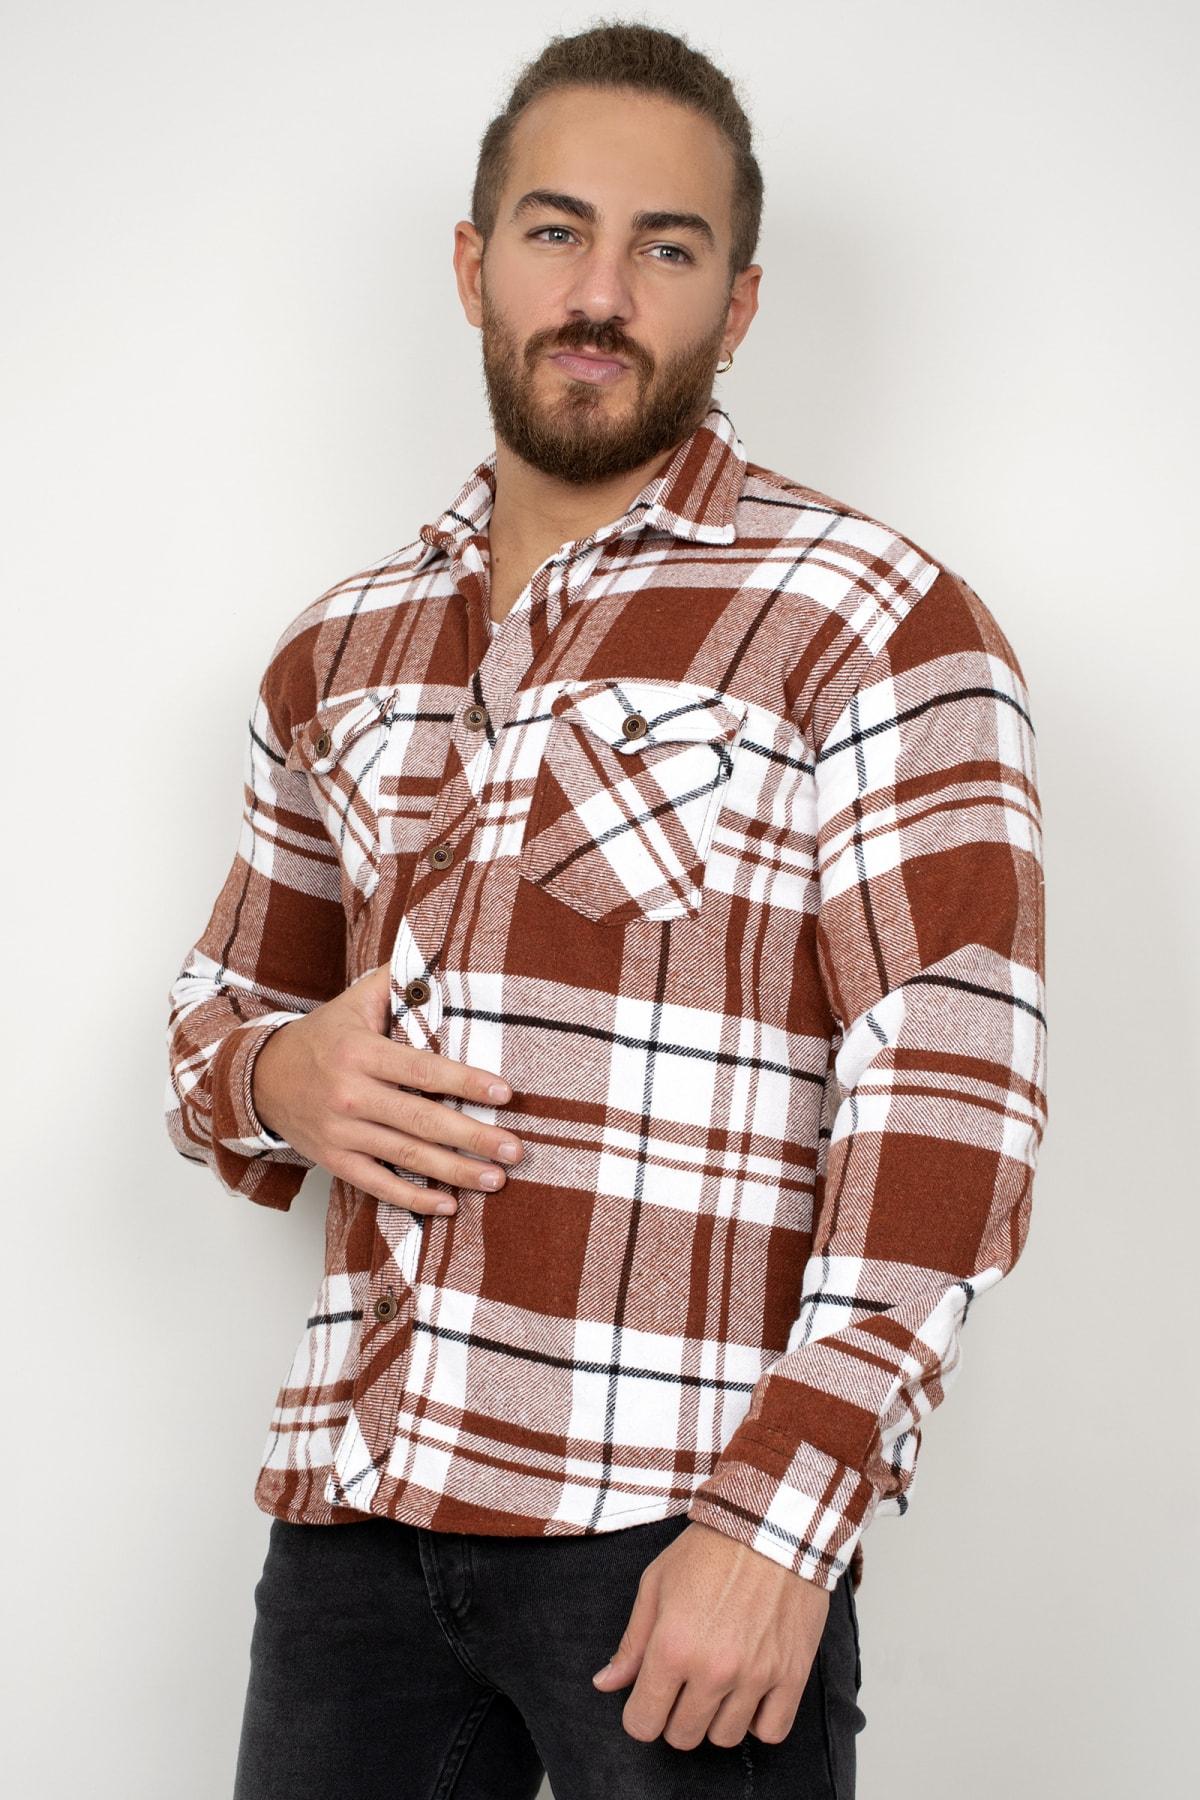 DeepSEA Erkek Kiremit Cepli Uzun Kol Oduncu Gömlek 2101215 1